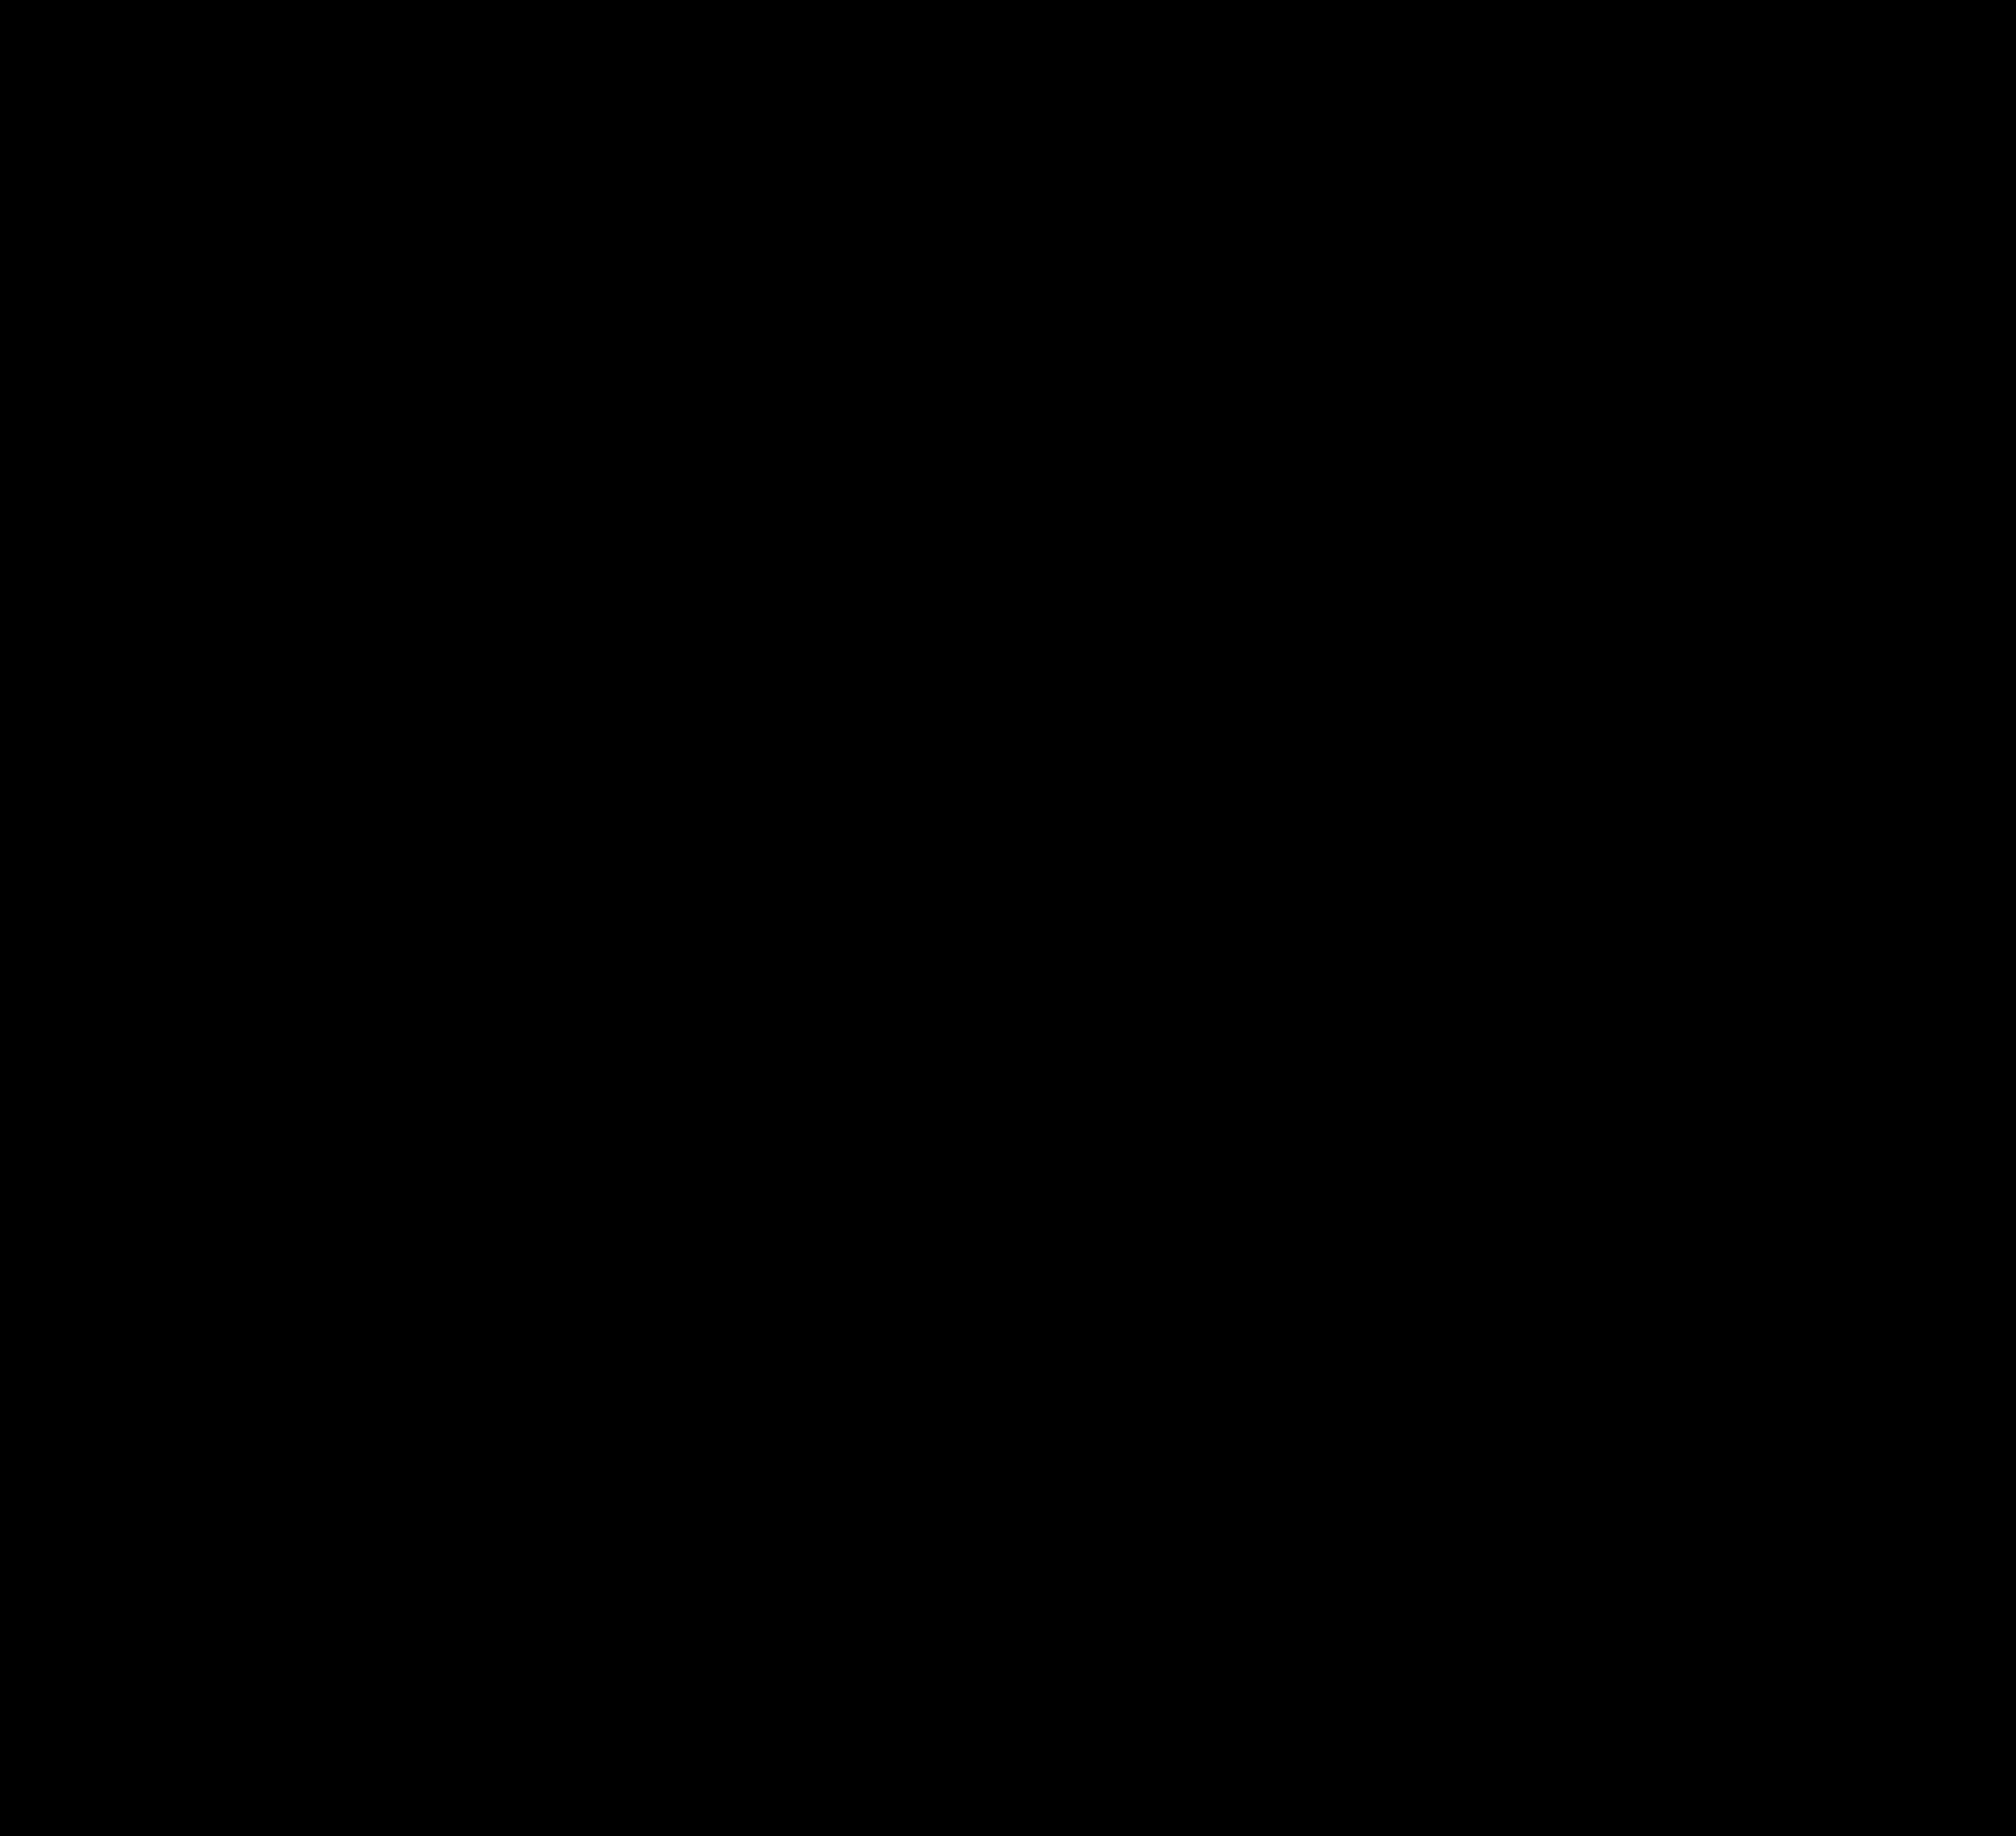 heart-outline